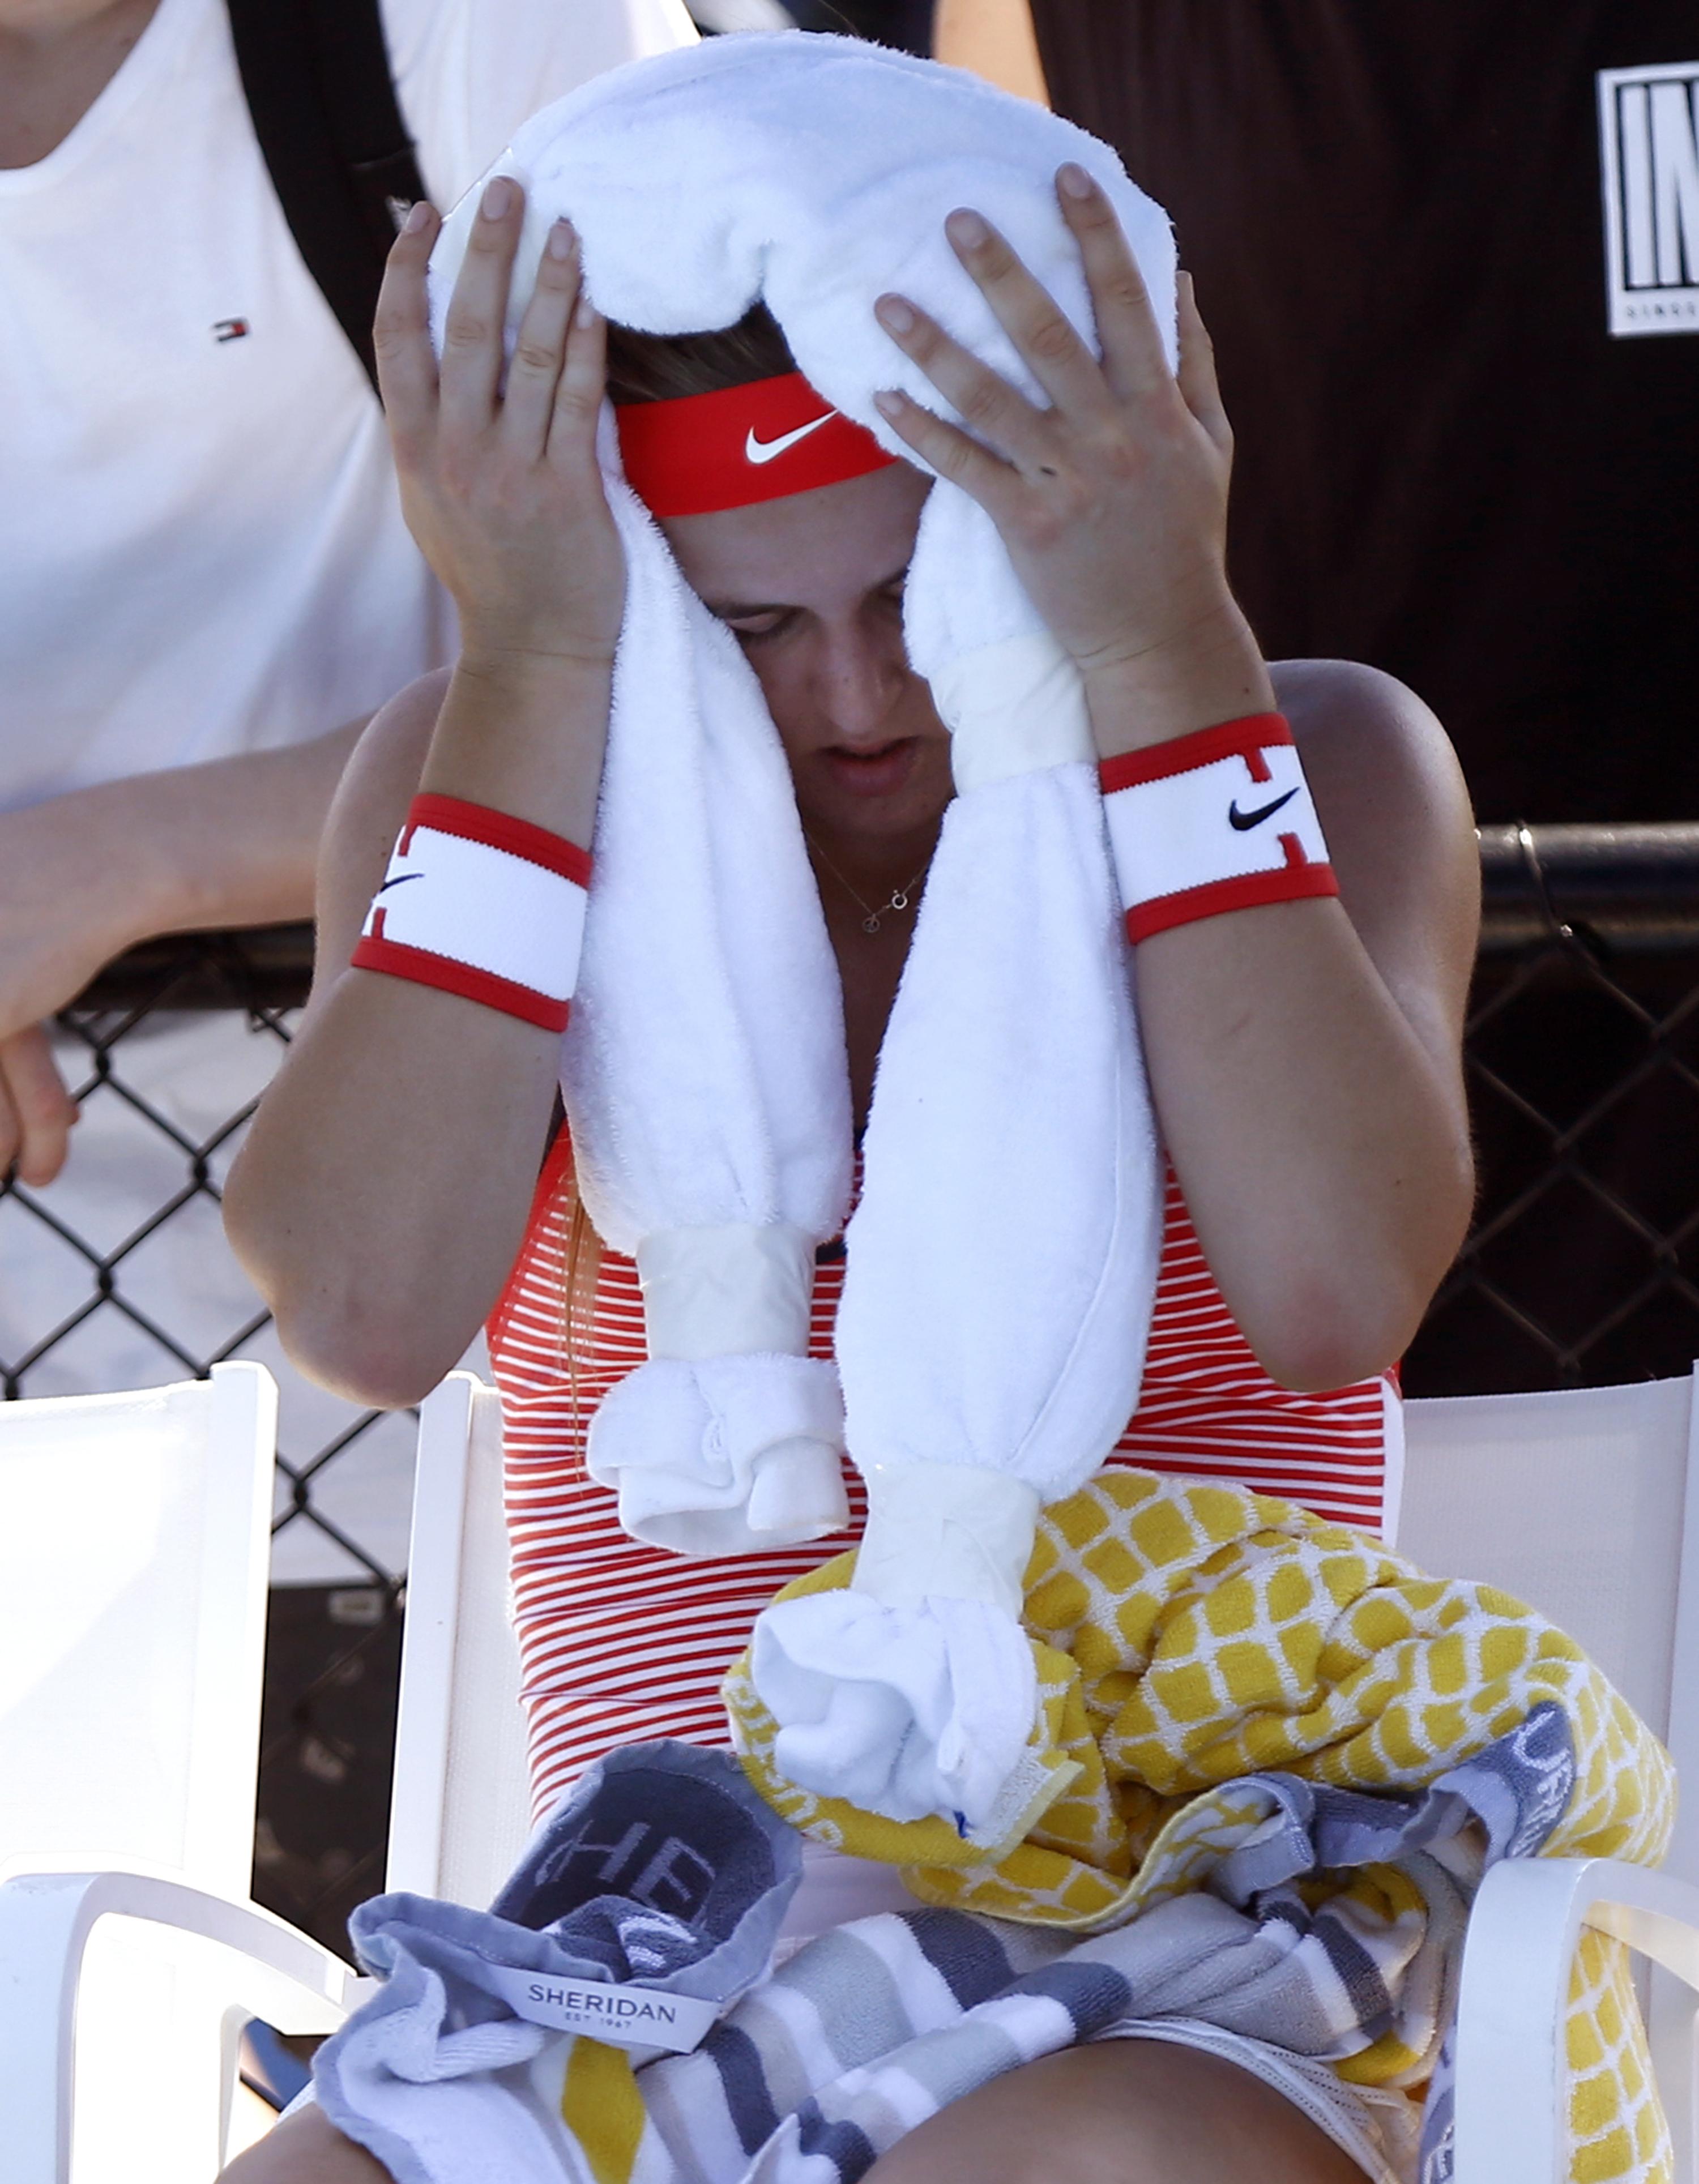 australian_open_tennis-d926832403a4431eb_r7804.jpeg